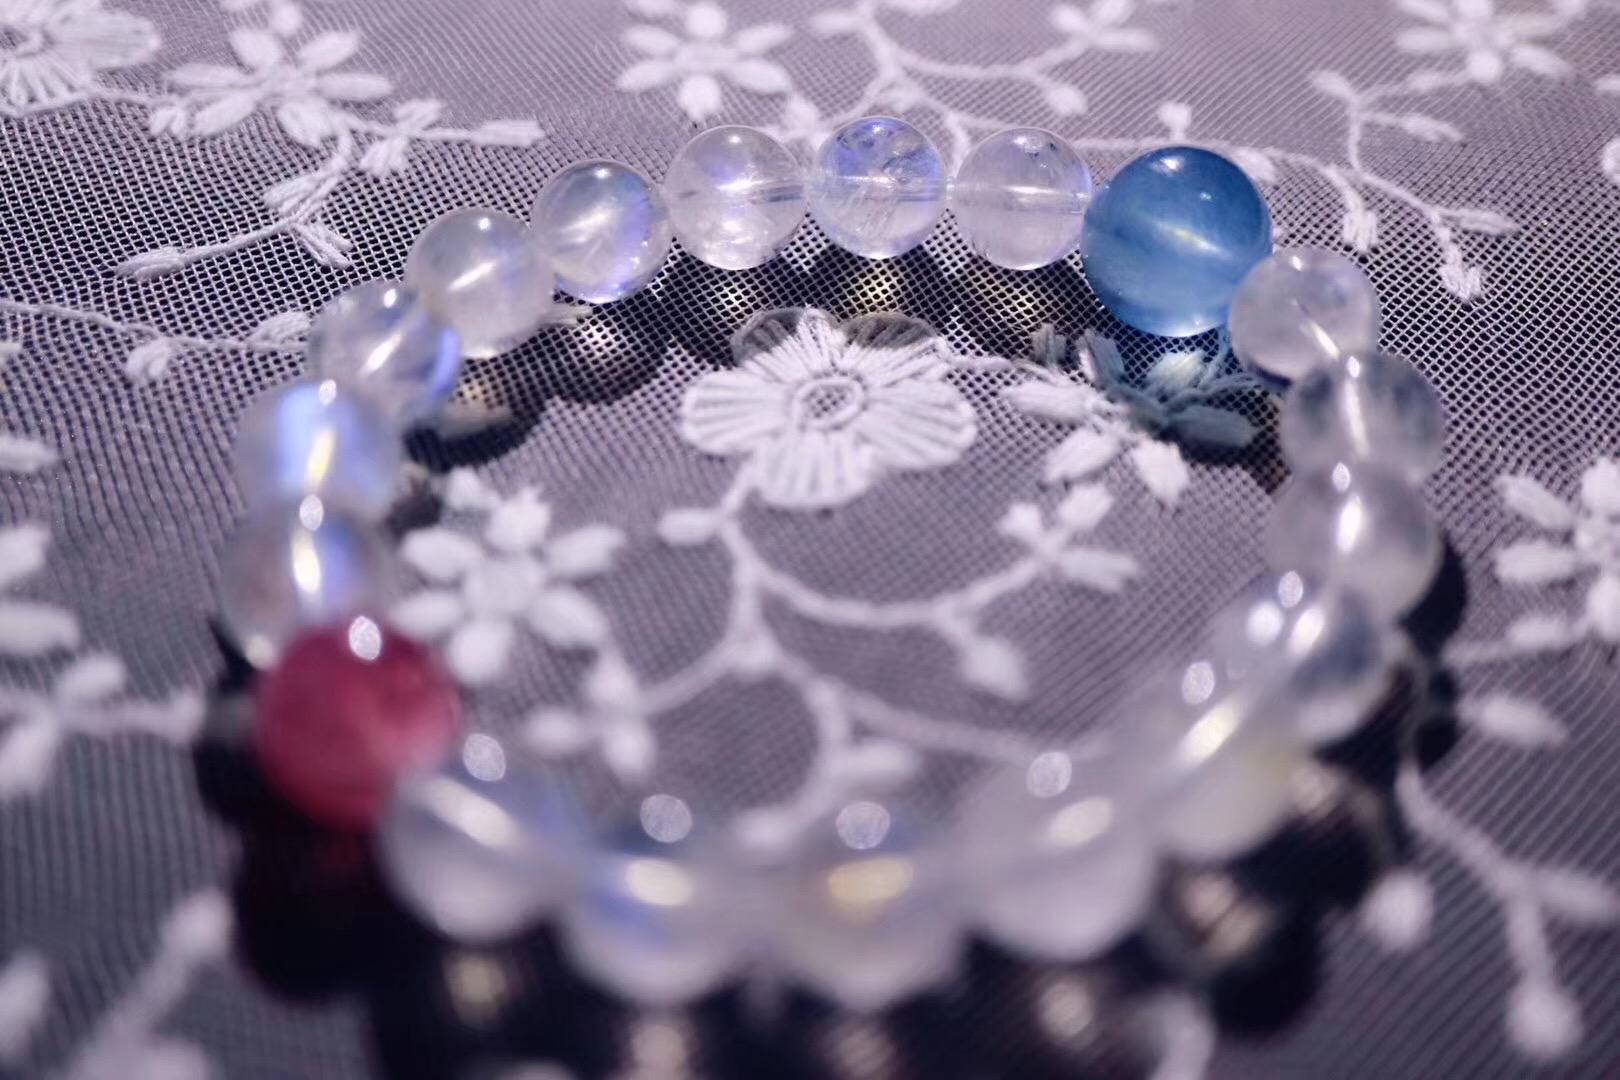 【菩心月光石   红碧玺   海蓝宝】最幸福的时光便是被人深爱着-菩心晶舍